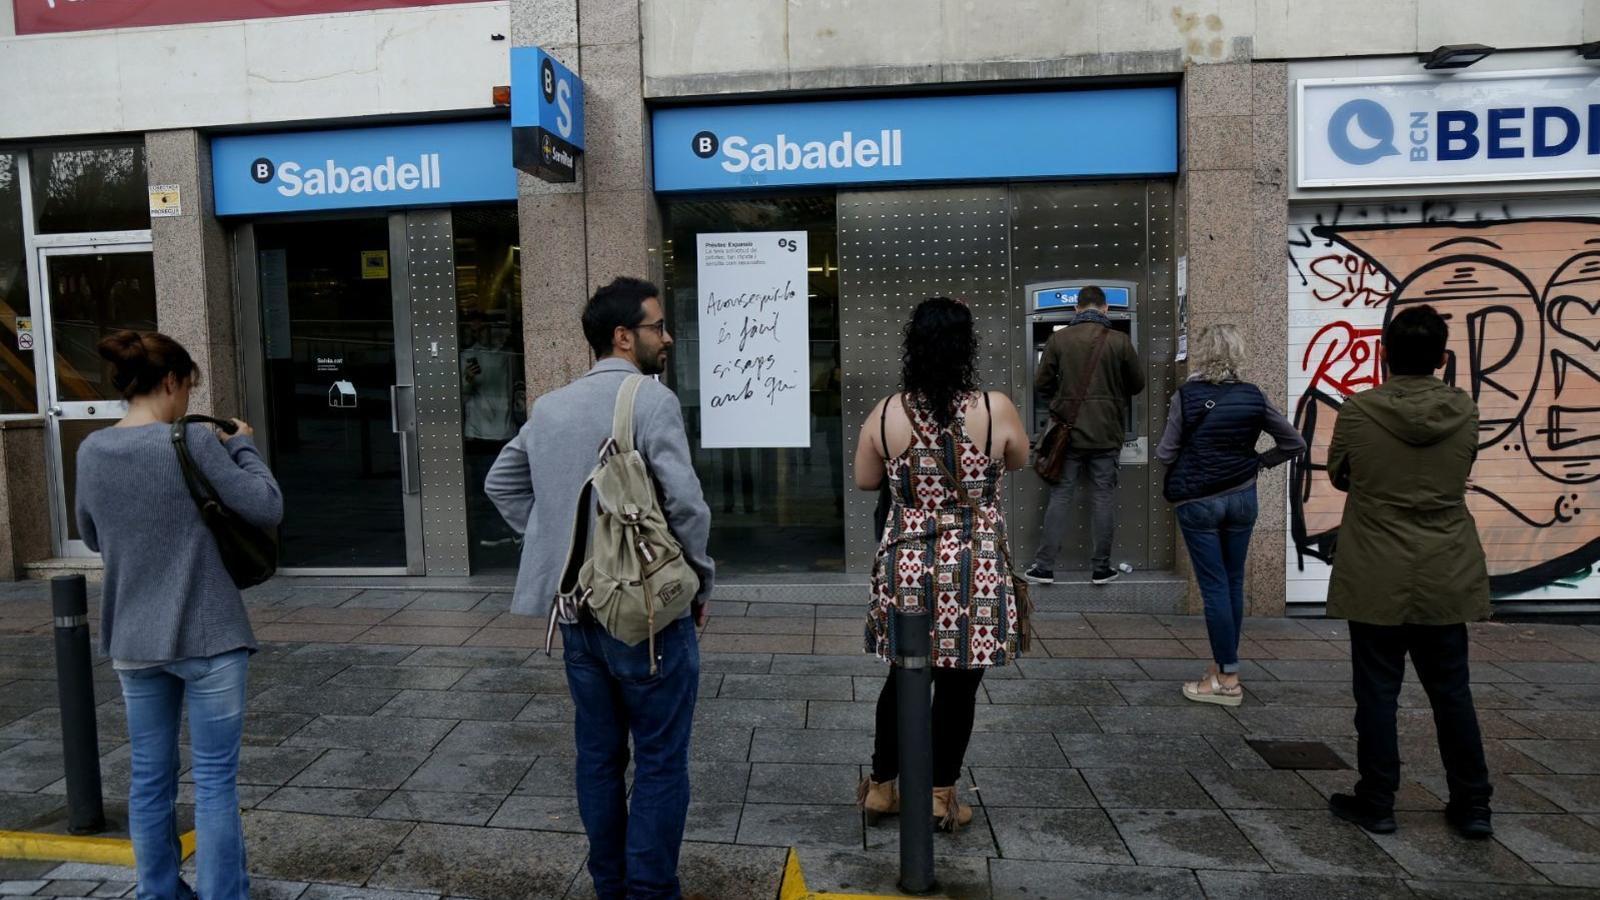 L'economista Antón Costas, sobre retirar diners dels bancs: